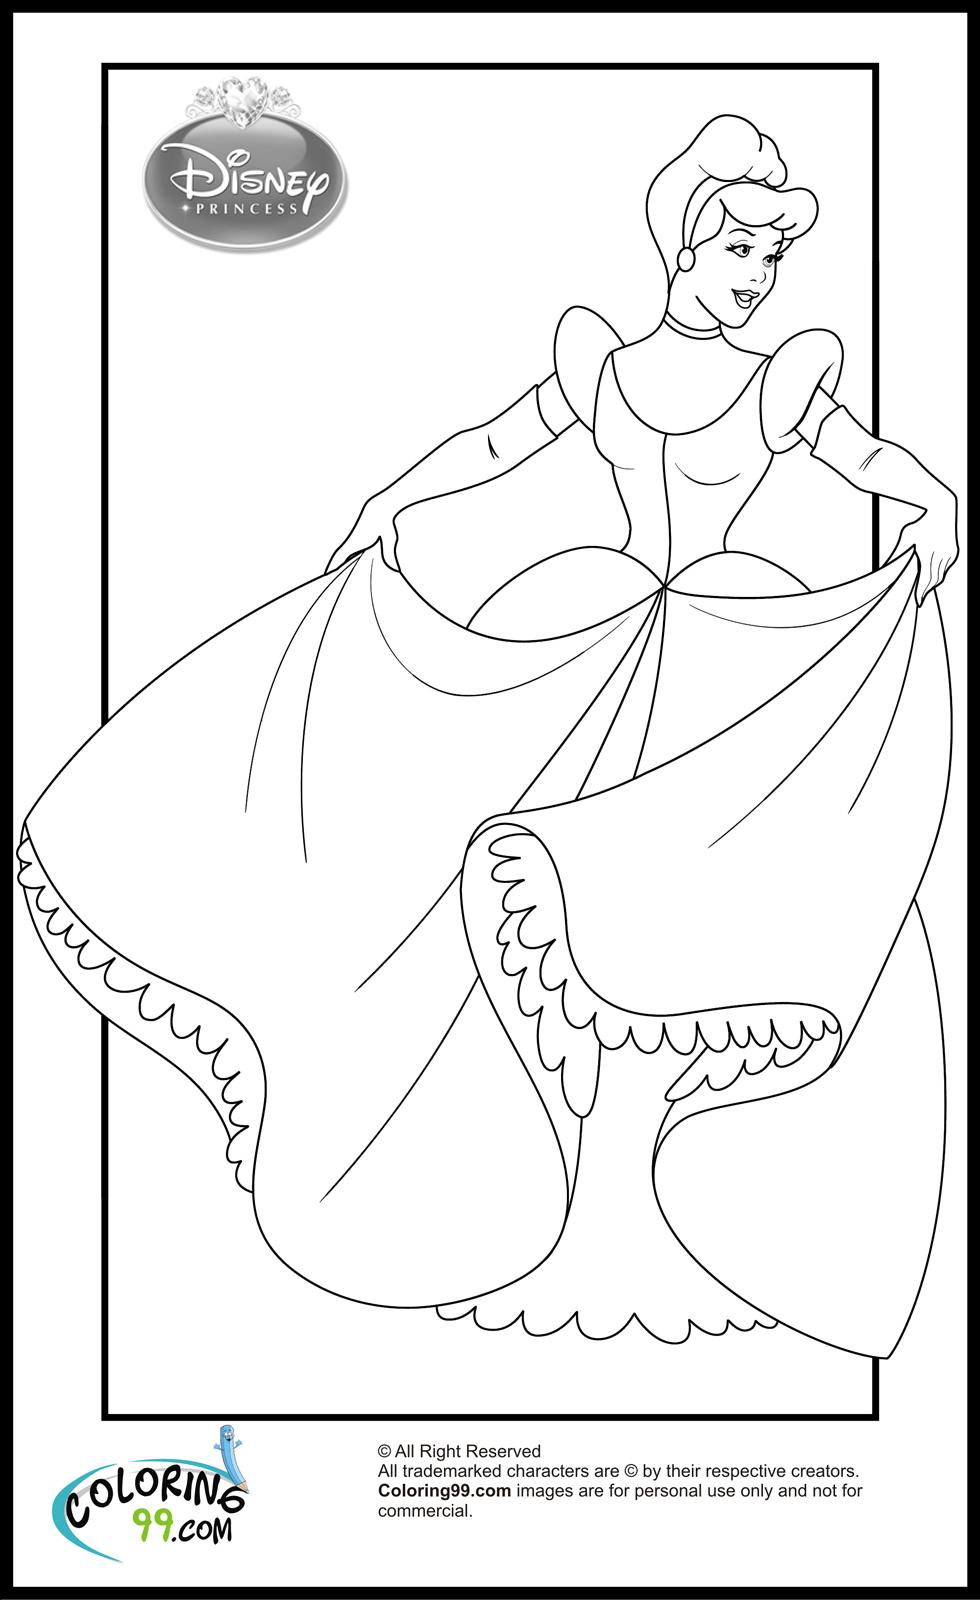 Disney cinderella coloring pages 2015 ~ Disney Princess Cinderella Coloring Pages | Minister Coloring